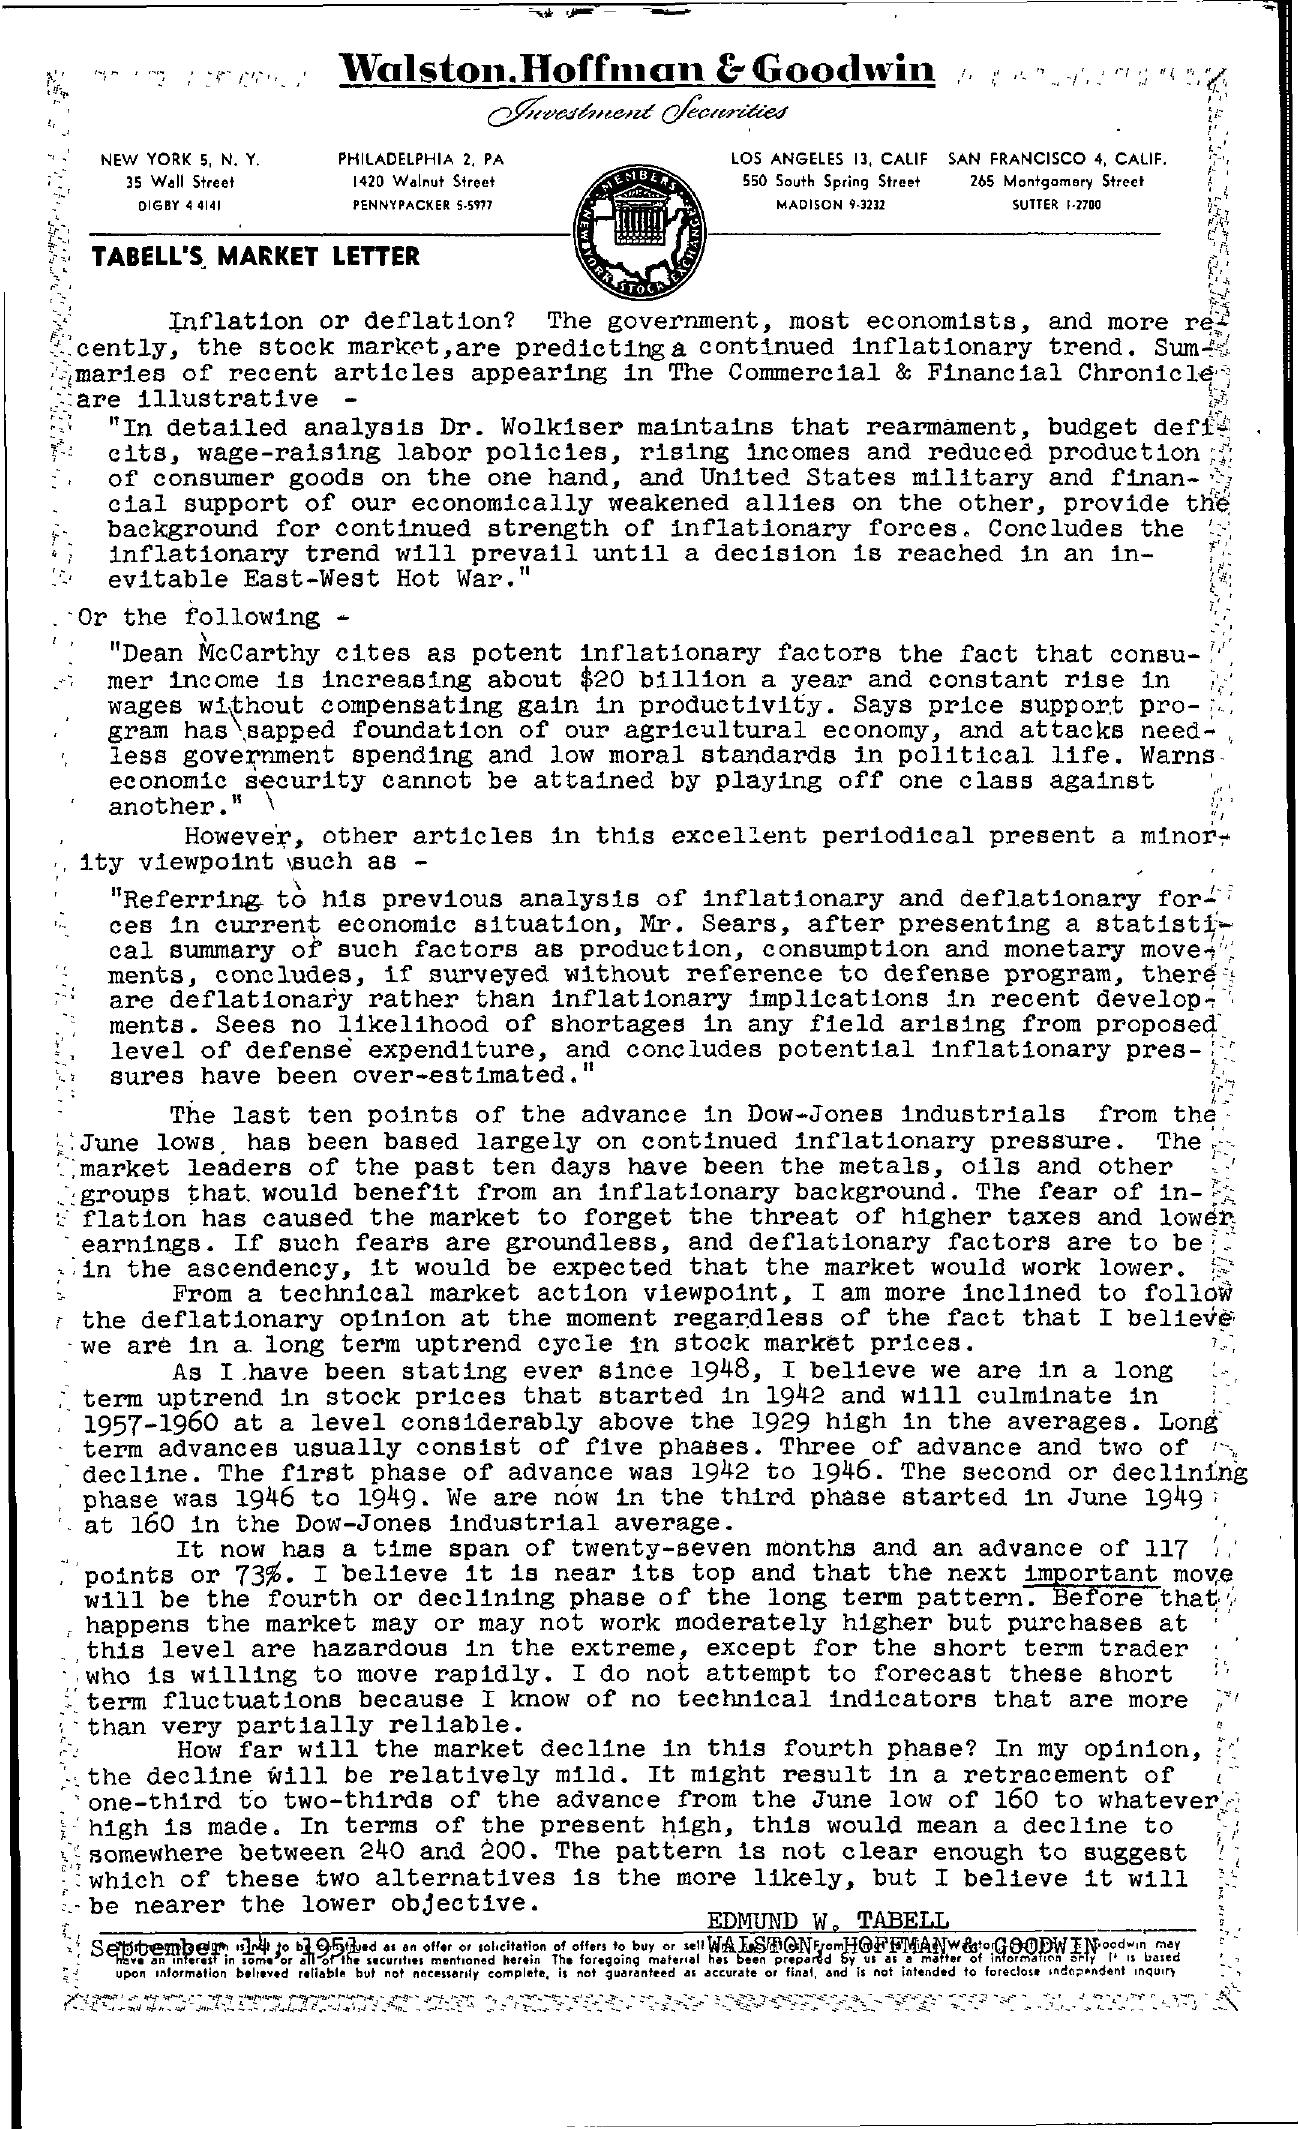 Tabell's Market Letter - September 14, 1951